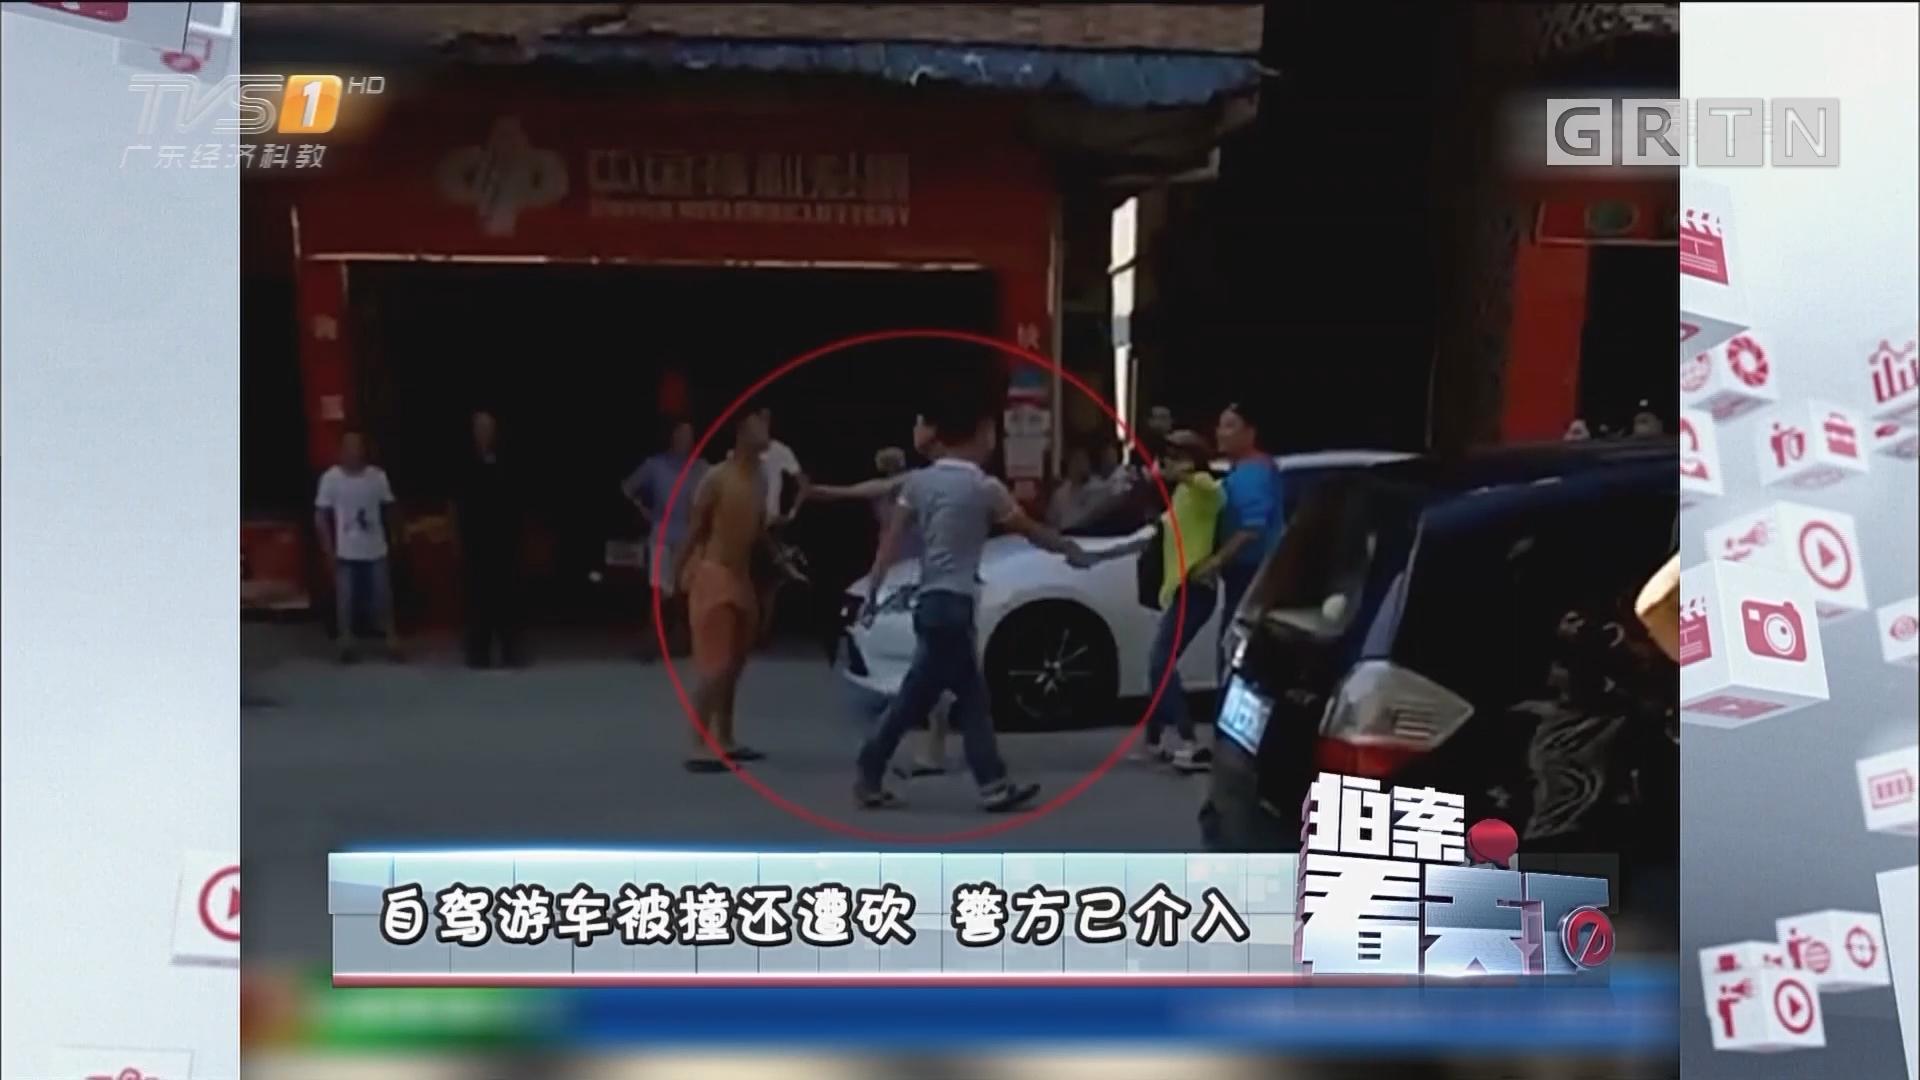 [HD][2017-08-29]拍案看天下:自驾游车被撞还遭砍 警方已介入